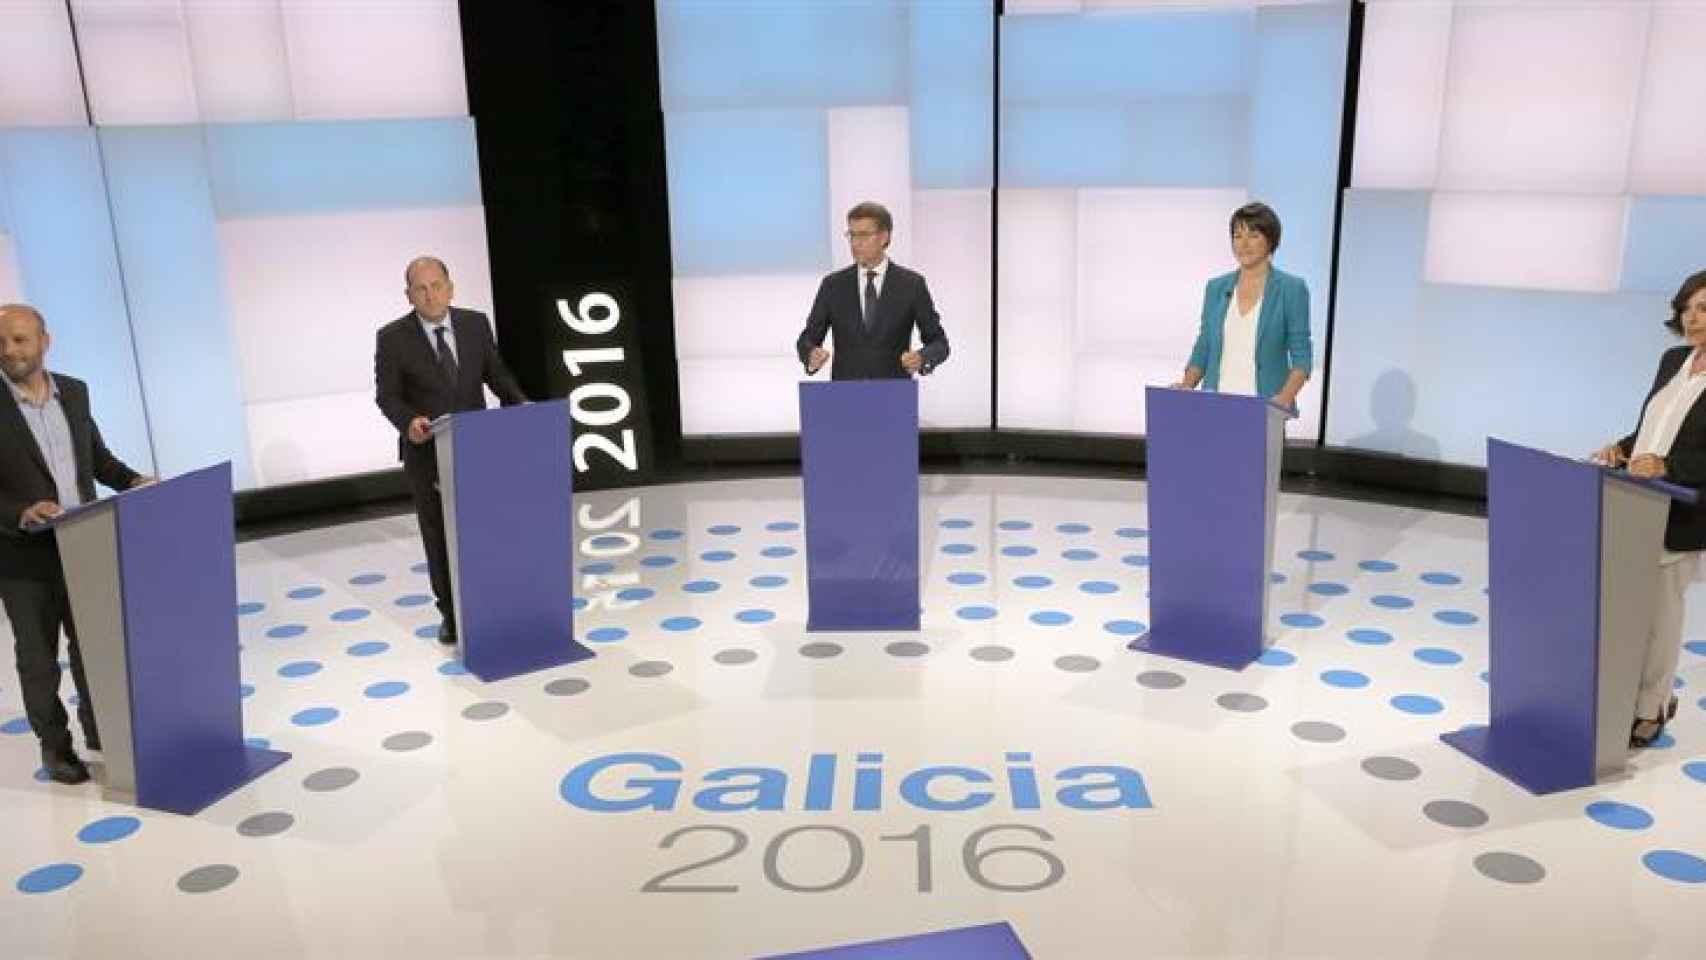 El debate a cinco emitido por la TVG